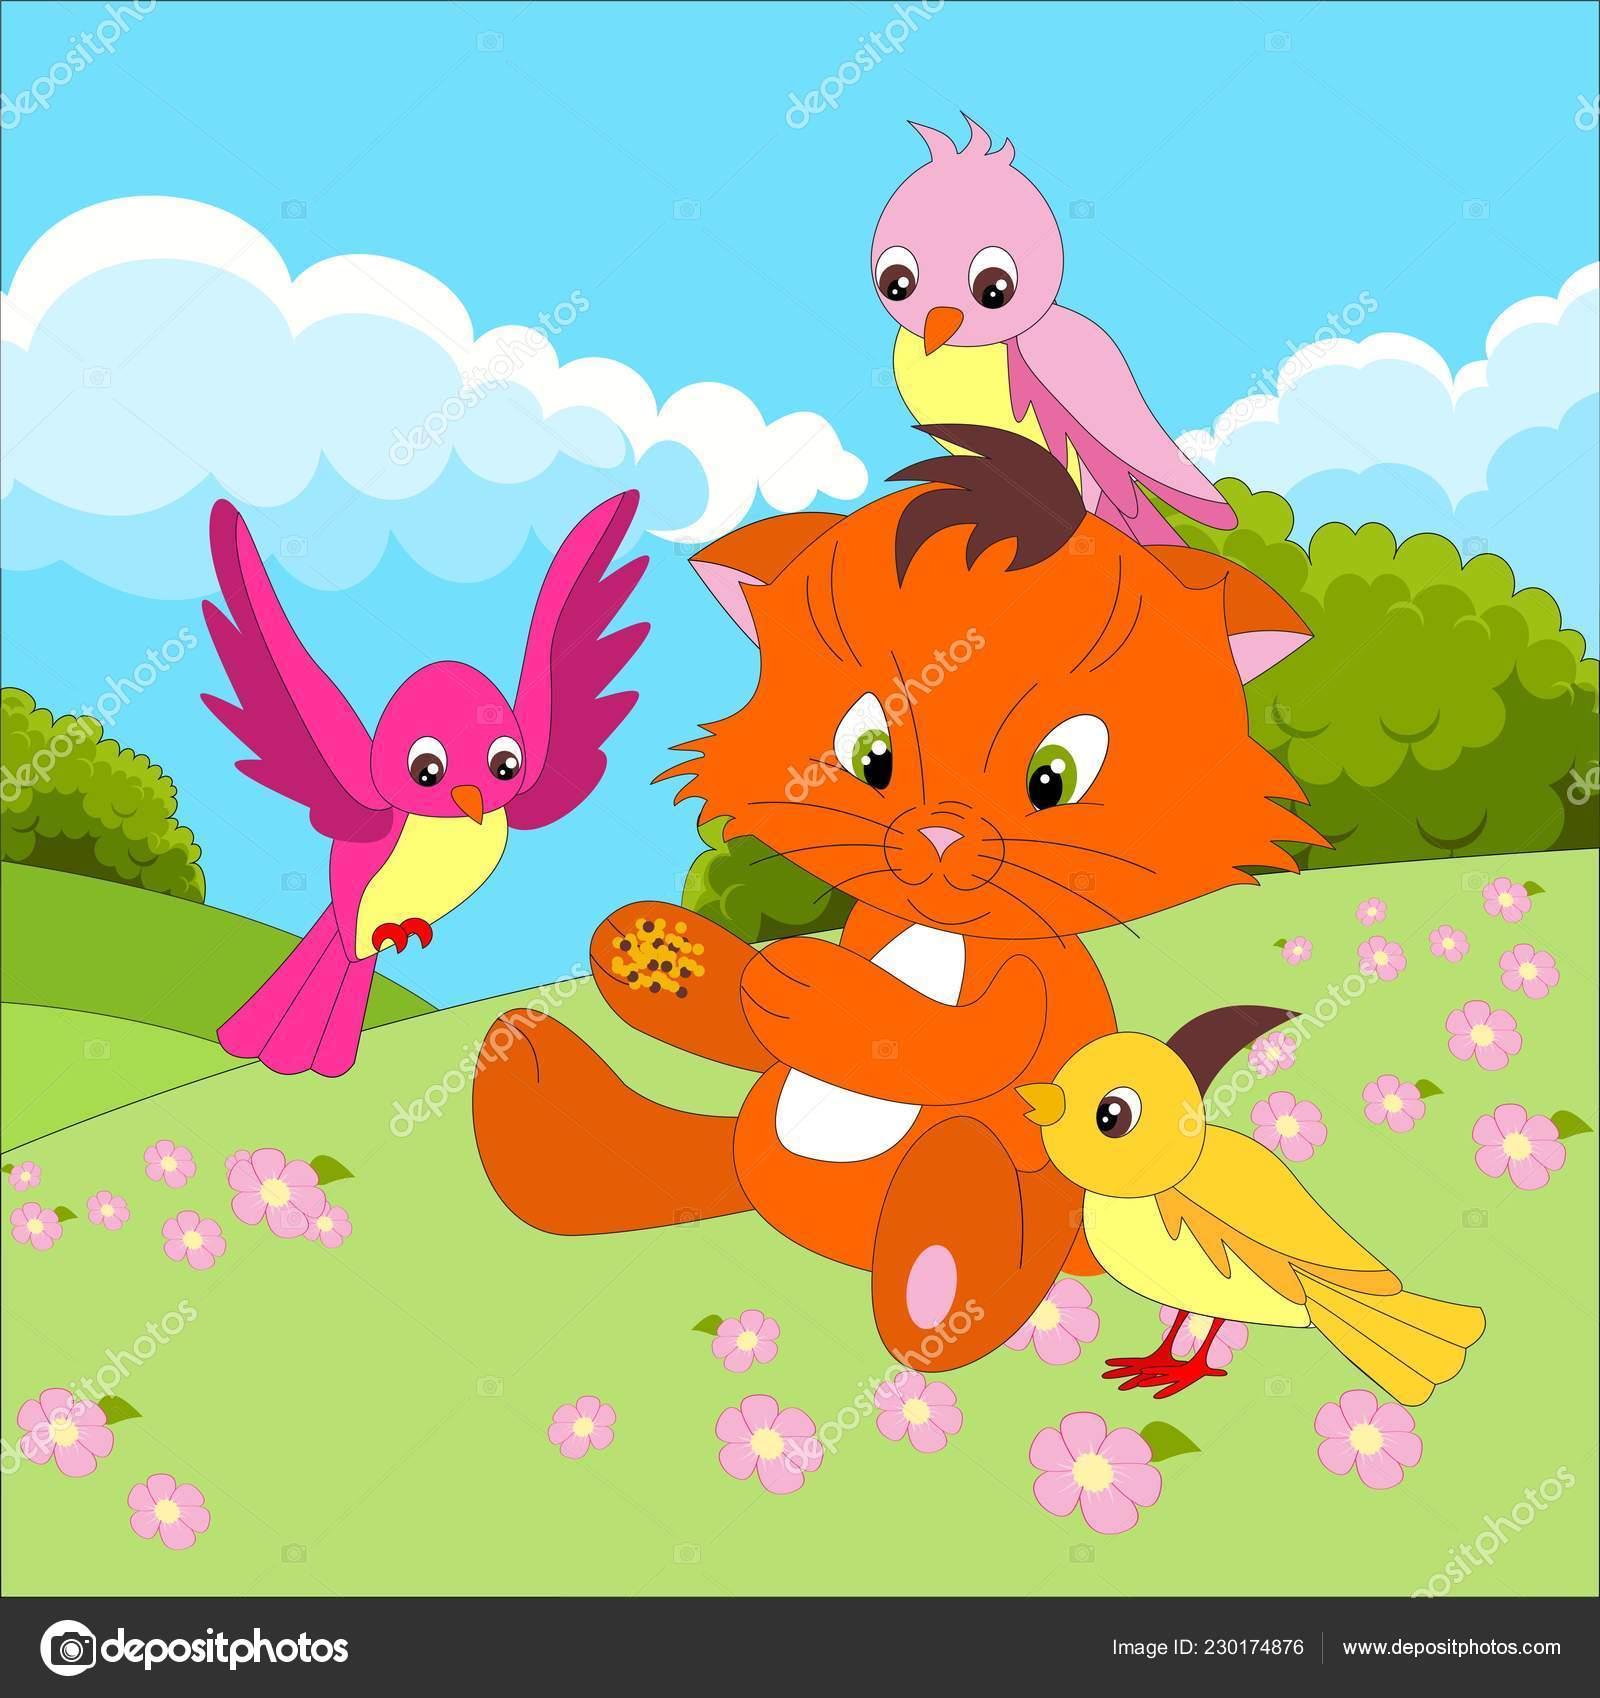 Personaggio dei cartoni animati gatto sveglio con uccelli che